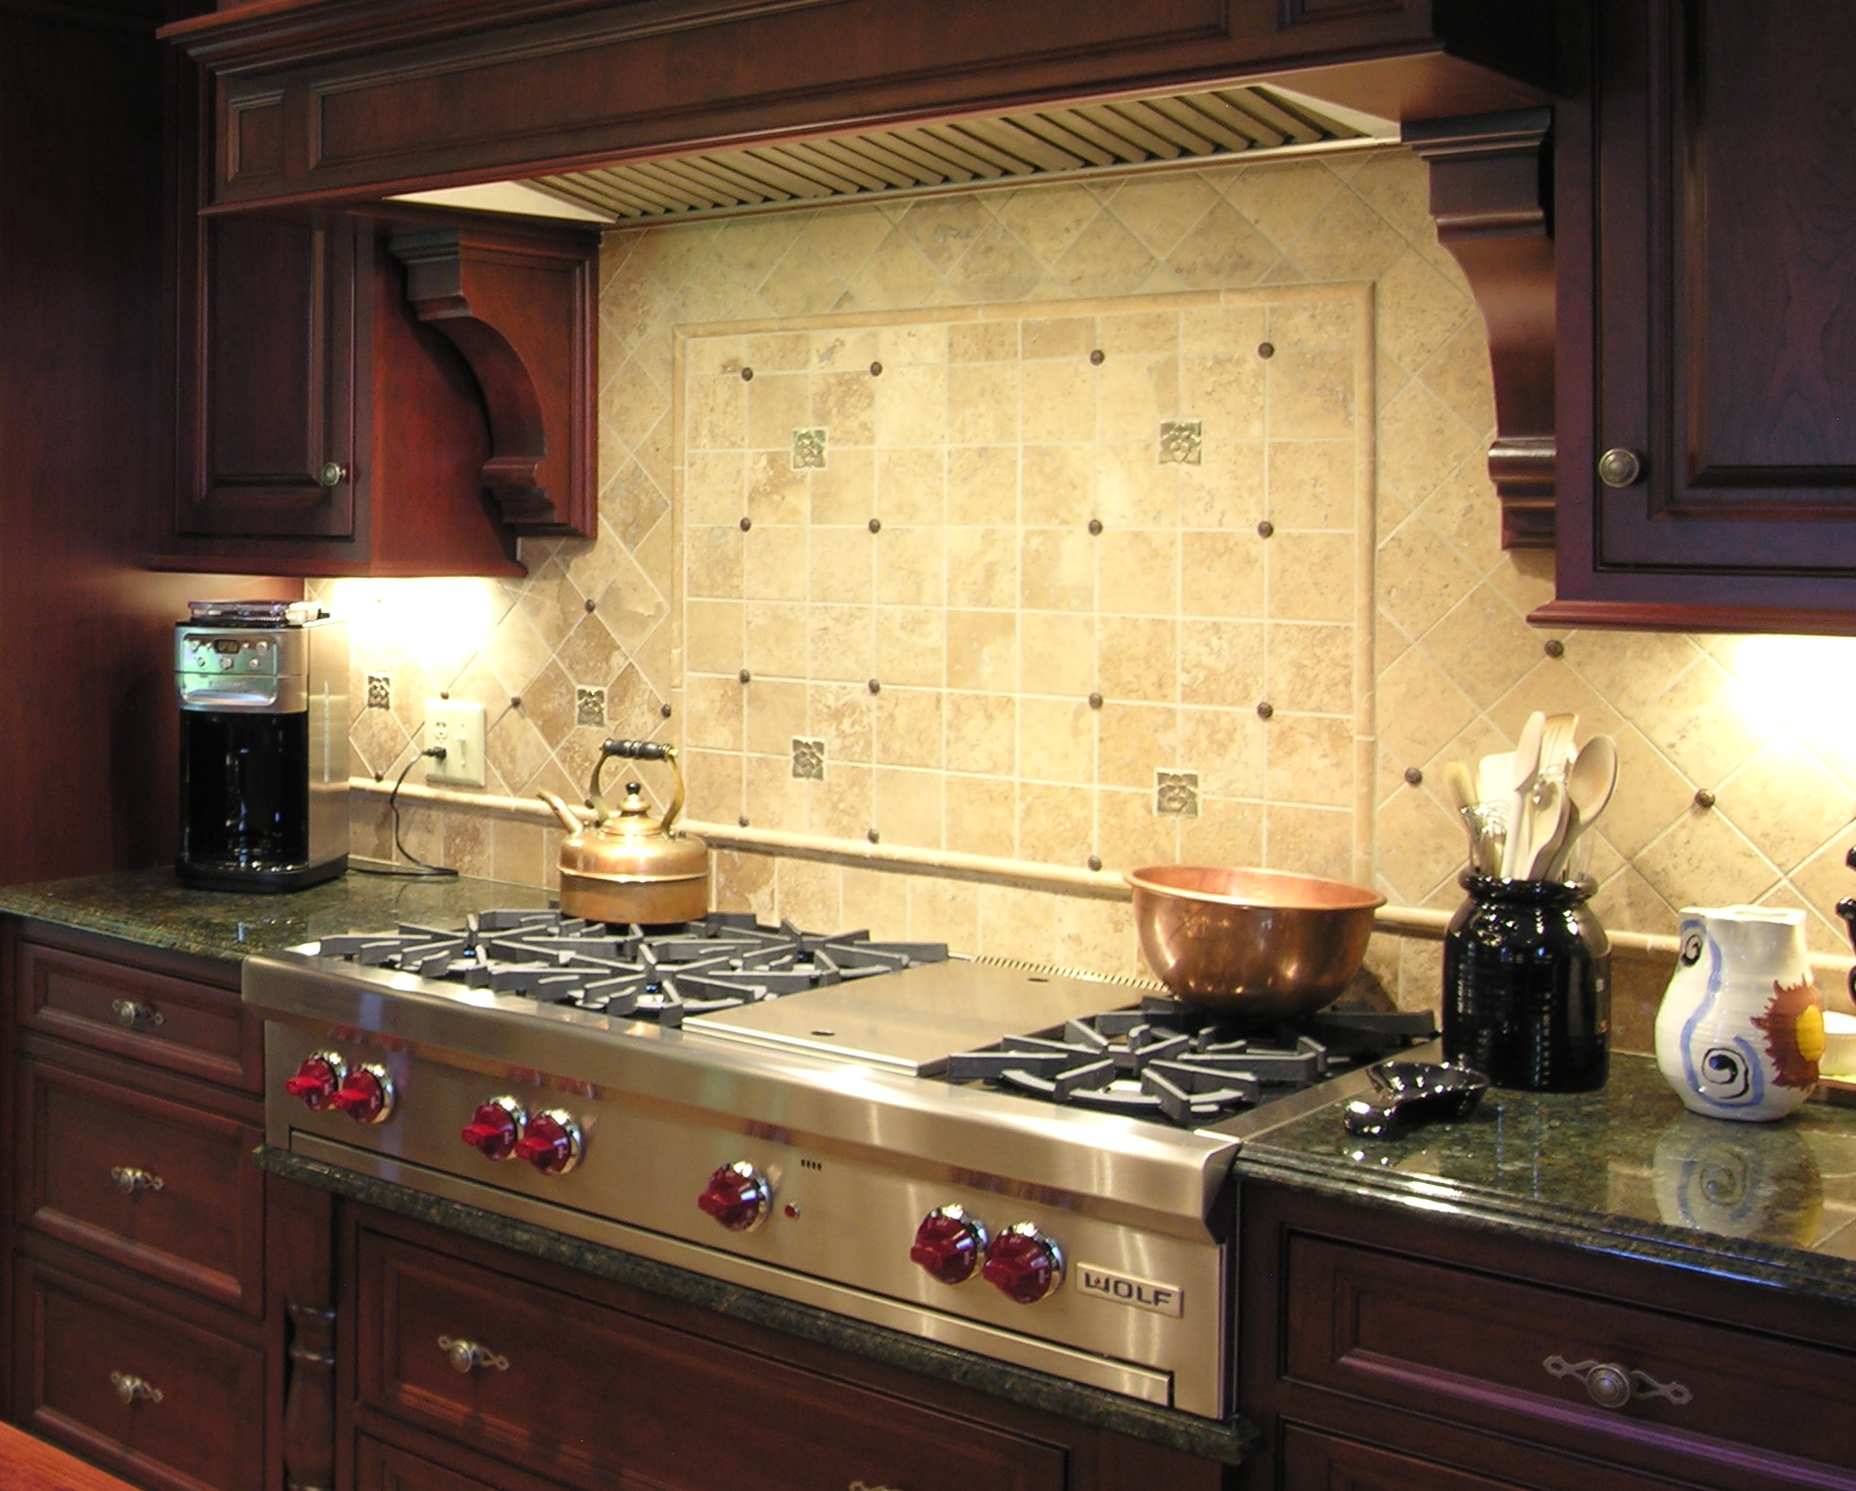 Image of Backsplash Designs For Kitchen 1856x1491